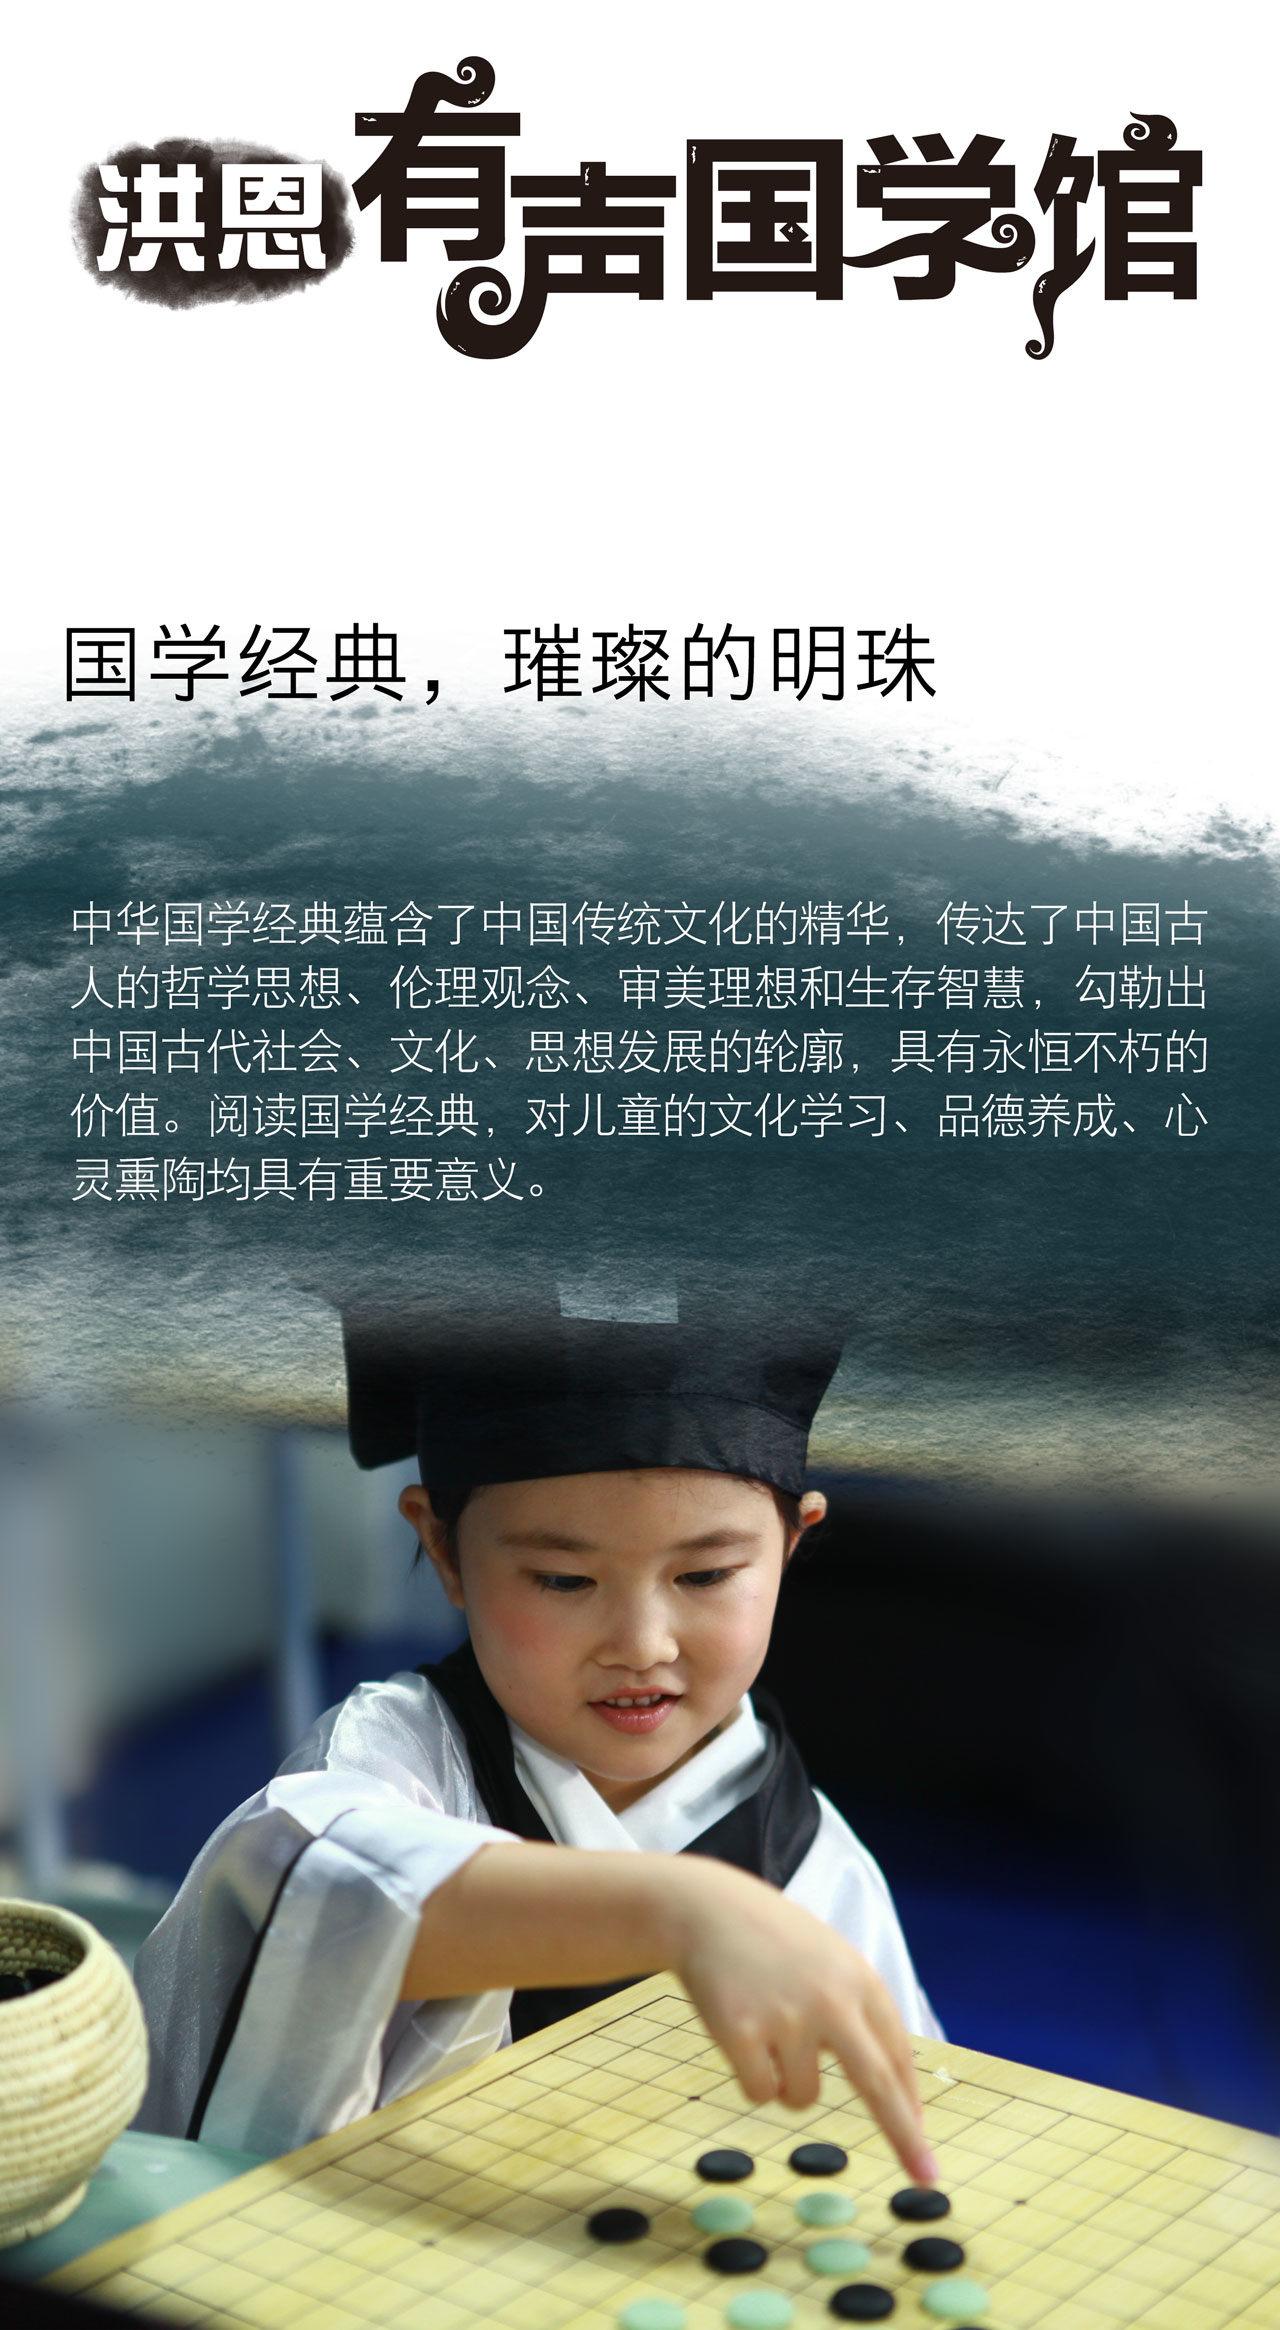 洪恩有声国学馆 国学经典,璀璨的明珠 中华国学经典蕴含了中国传统文化的精华,传达了中国古 人的哲学思想、伦理观念、审美理想和生存智慧,勾勒出 中国古代社会、文化、思想发展的轮廓,具有永恒不朽的 价值。阅读国学经典,对儿童的文化学习、品德养成、心 灵熏陶均具有重要意义。